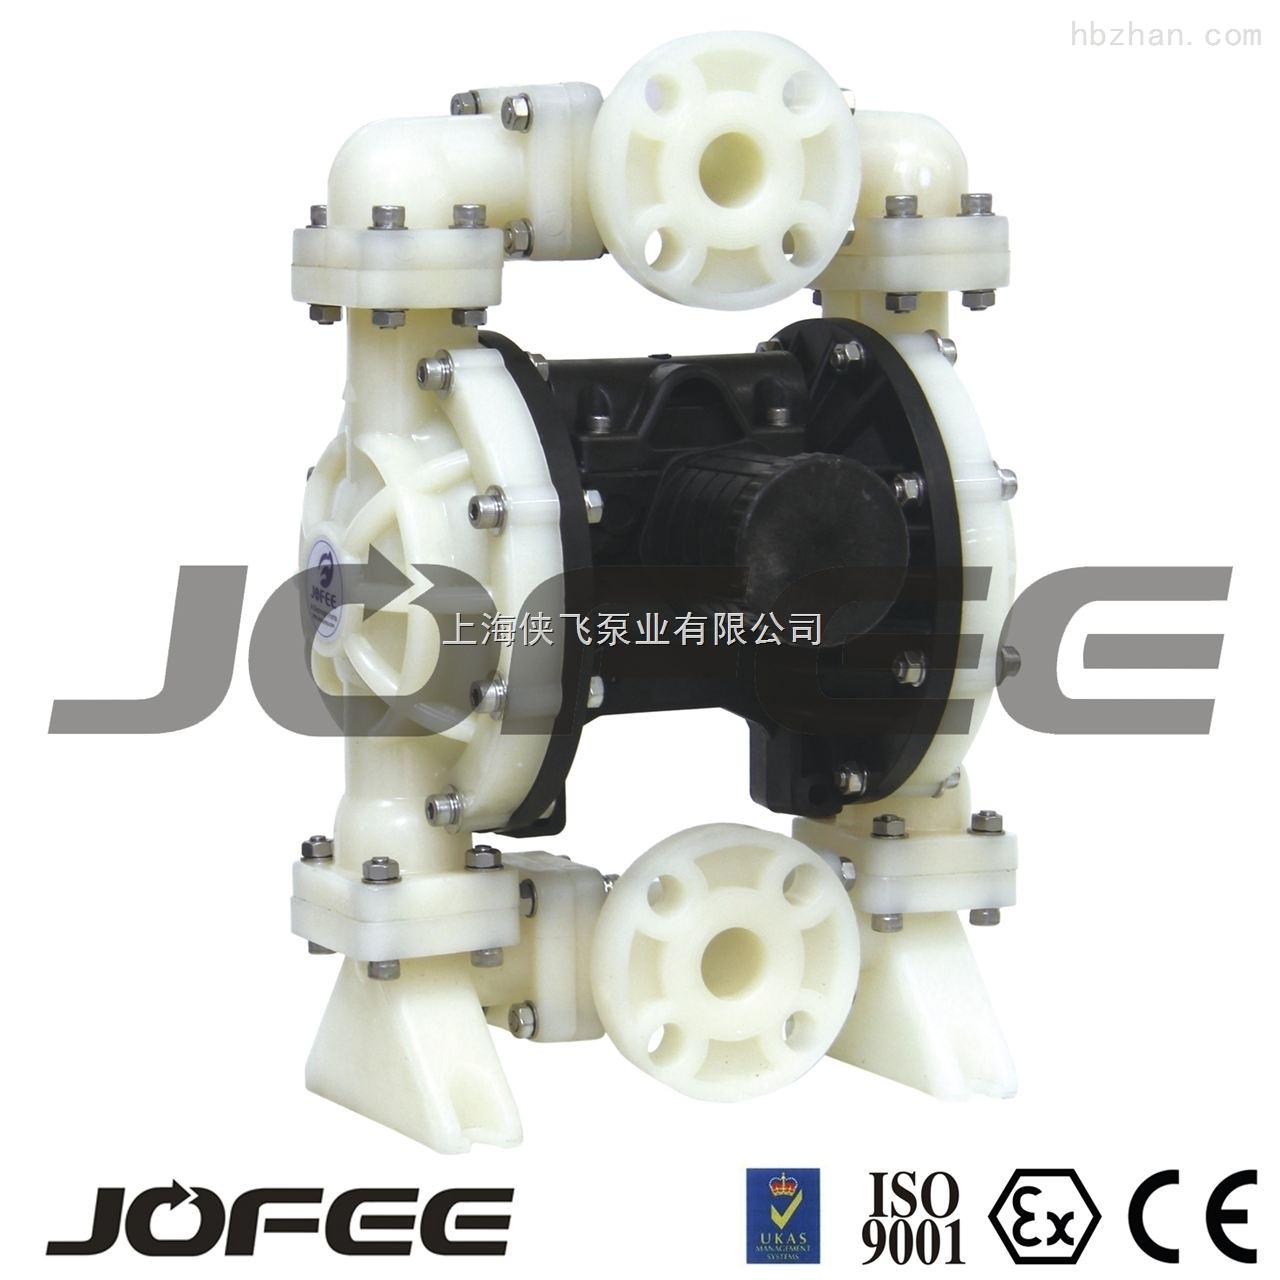 上海气动隔膜泵厂家